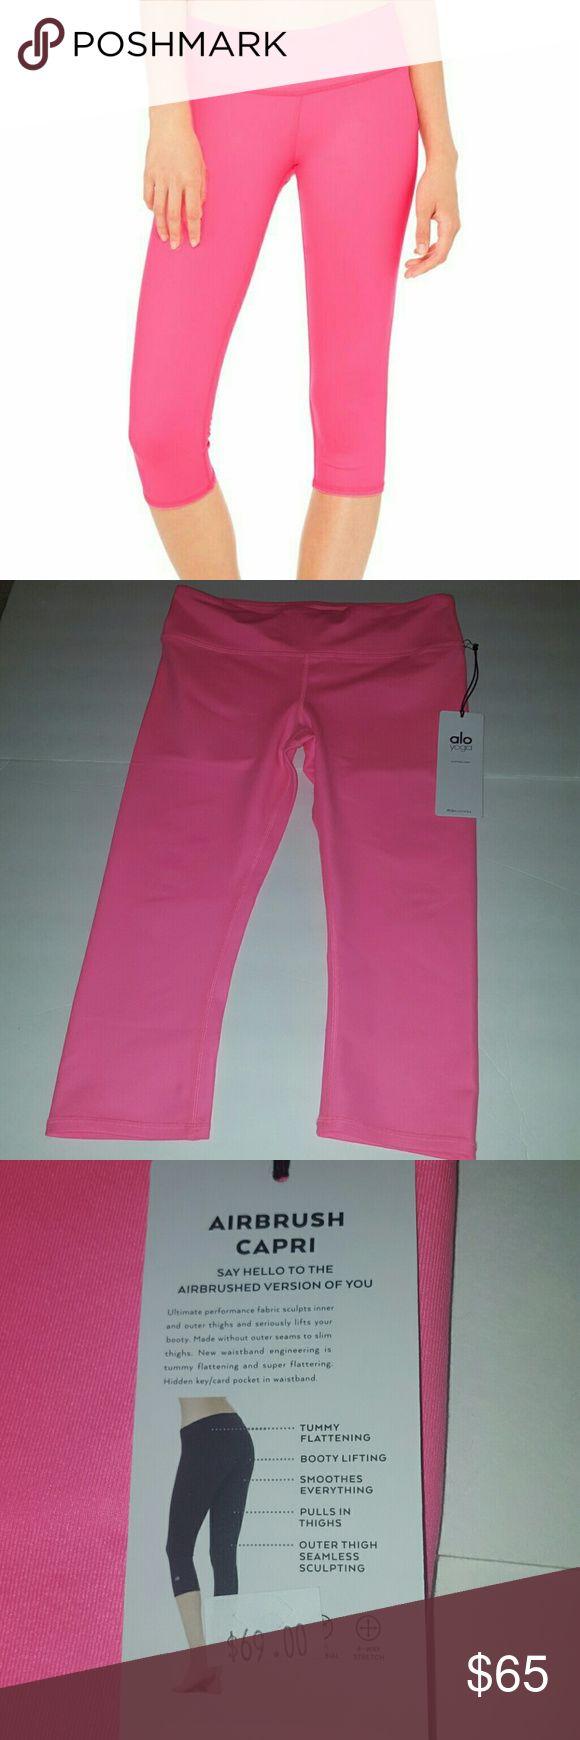 Airbrush Capri NWT Medium hot pink capris ALO Yoga Pants Capris